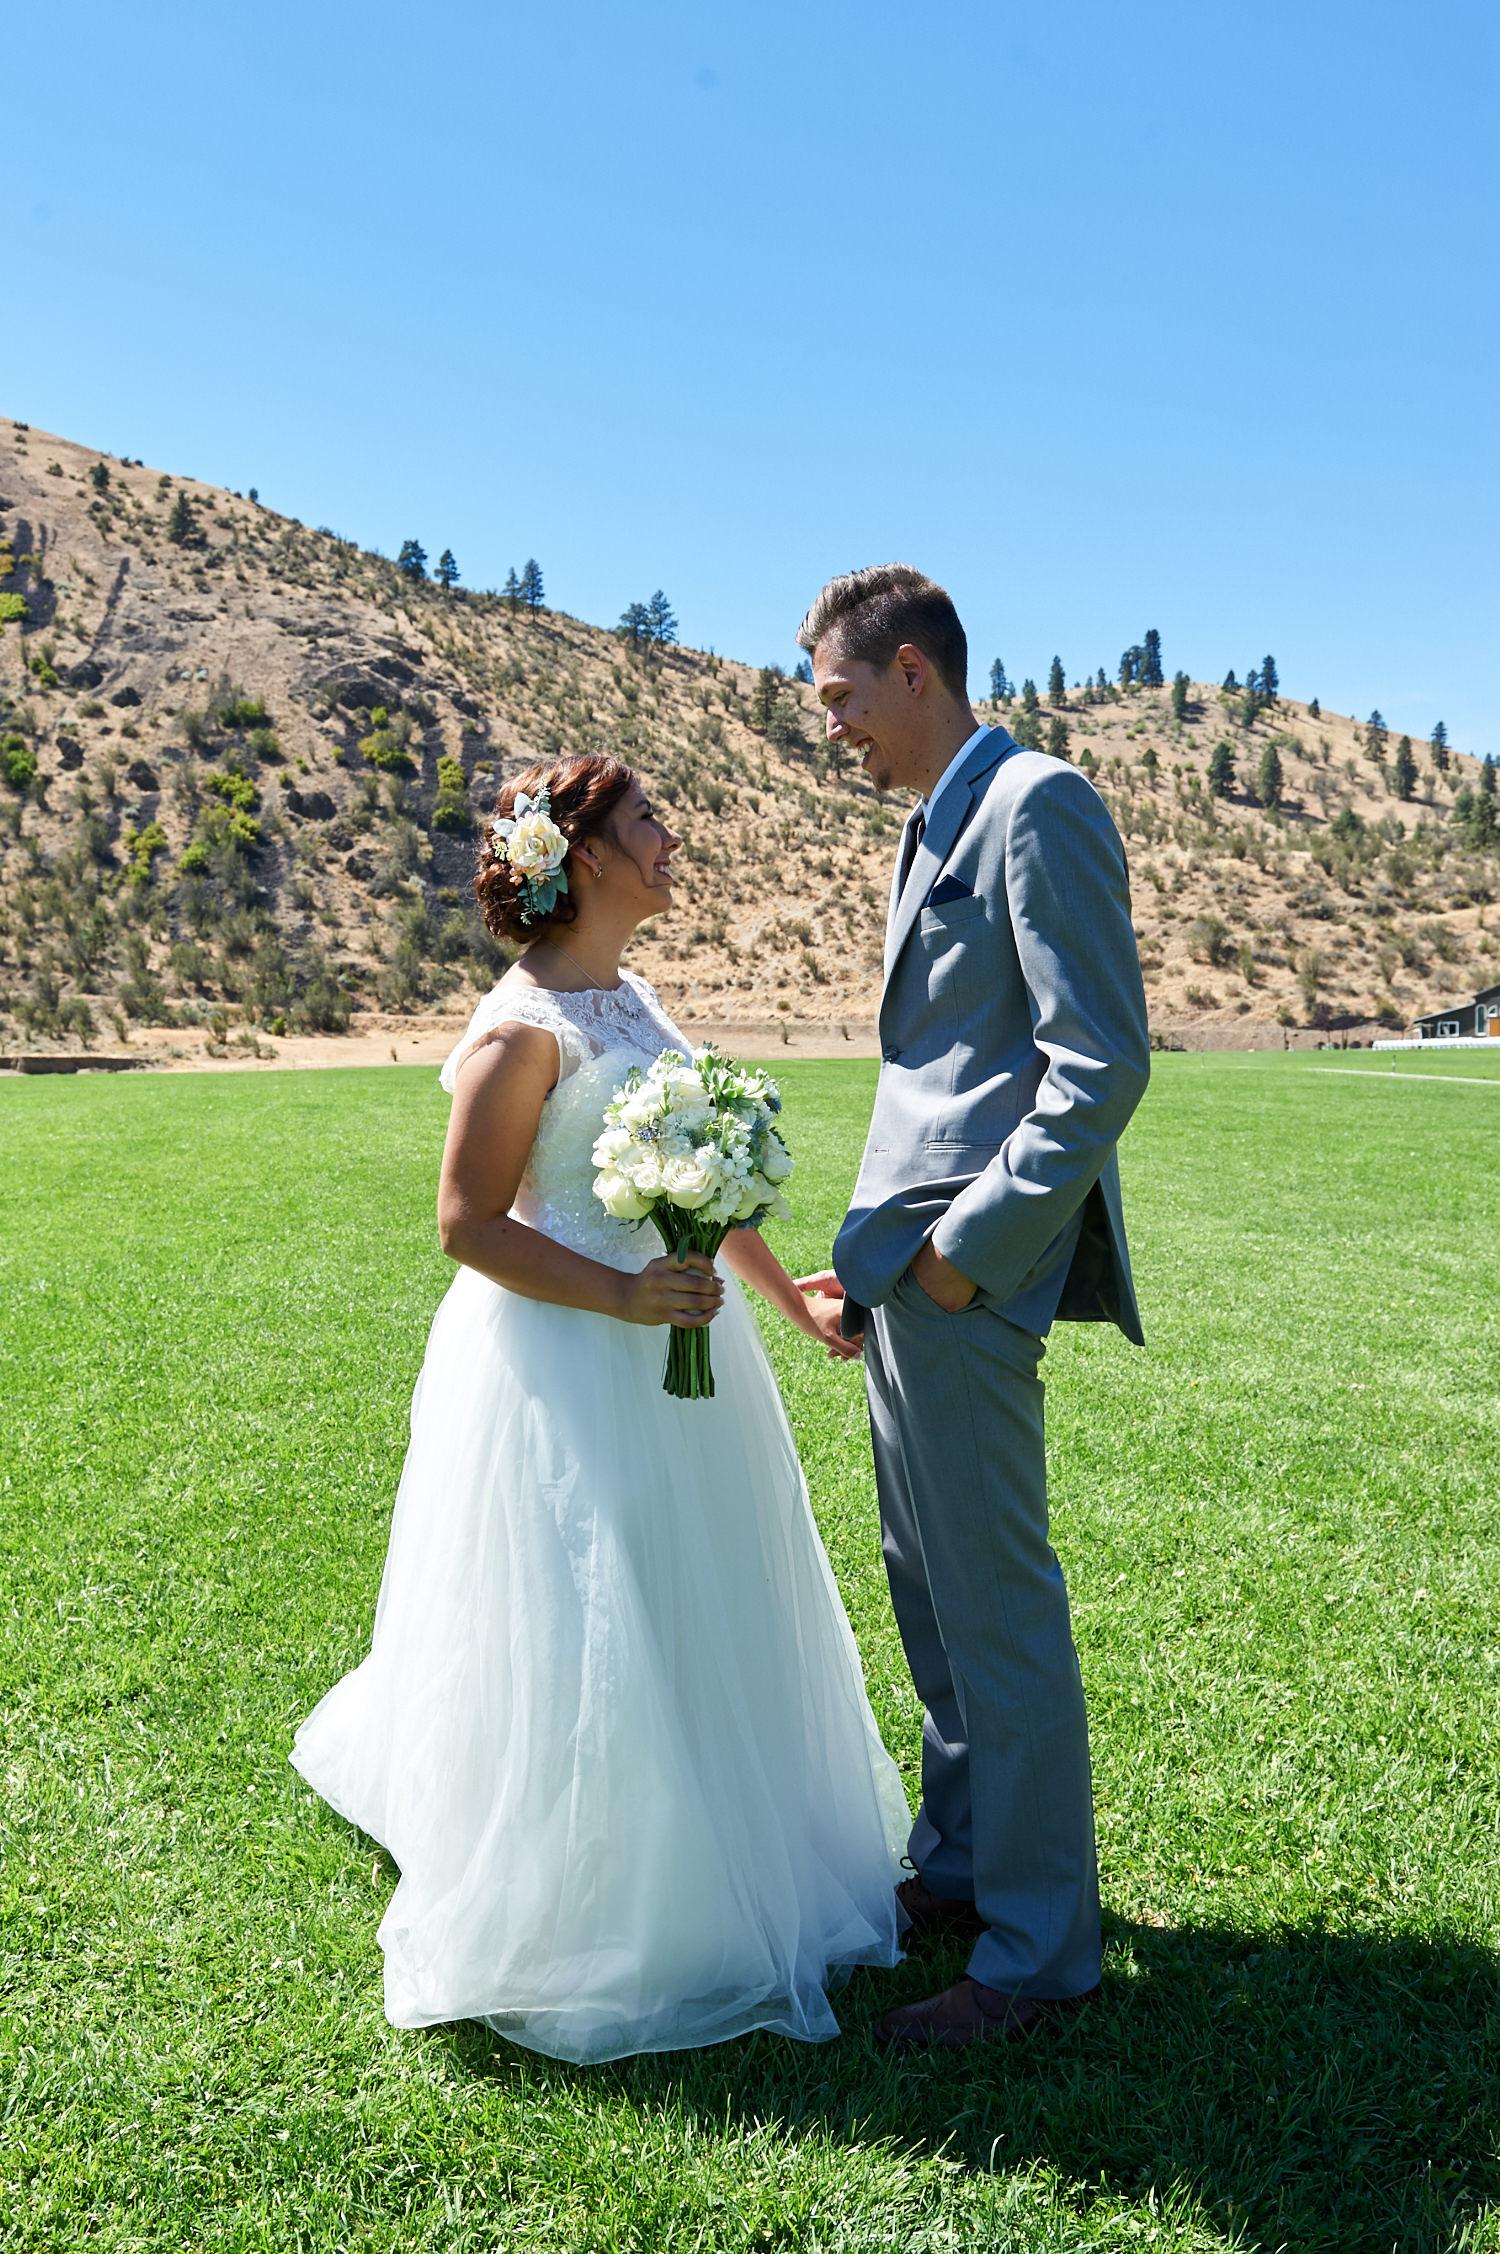 web - T & K wedding__FHX2017.jpg